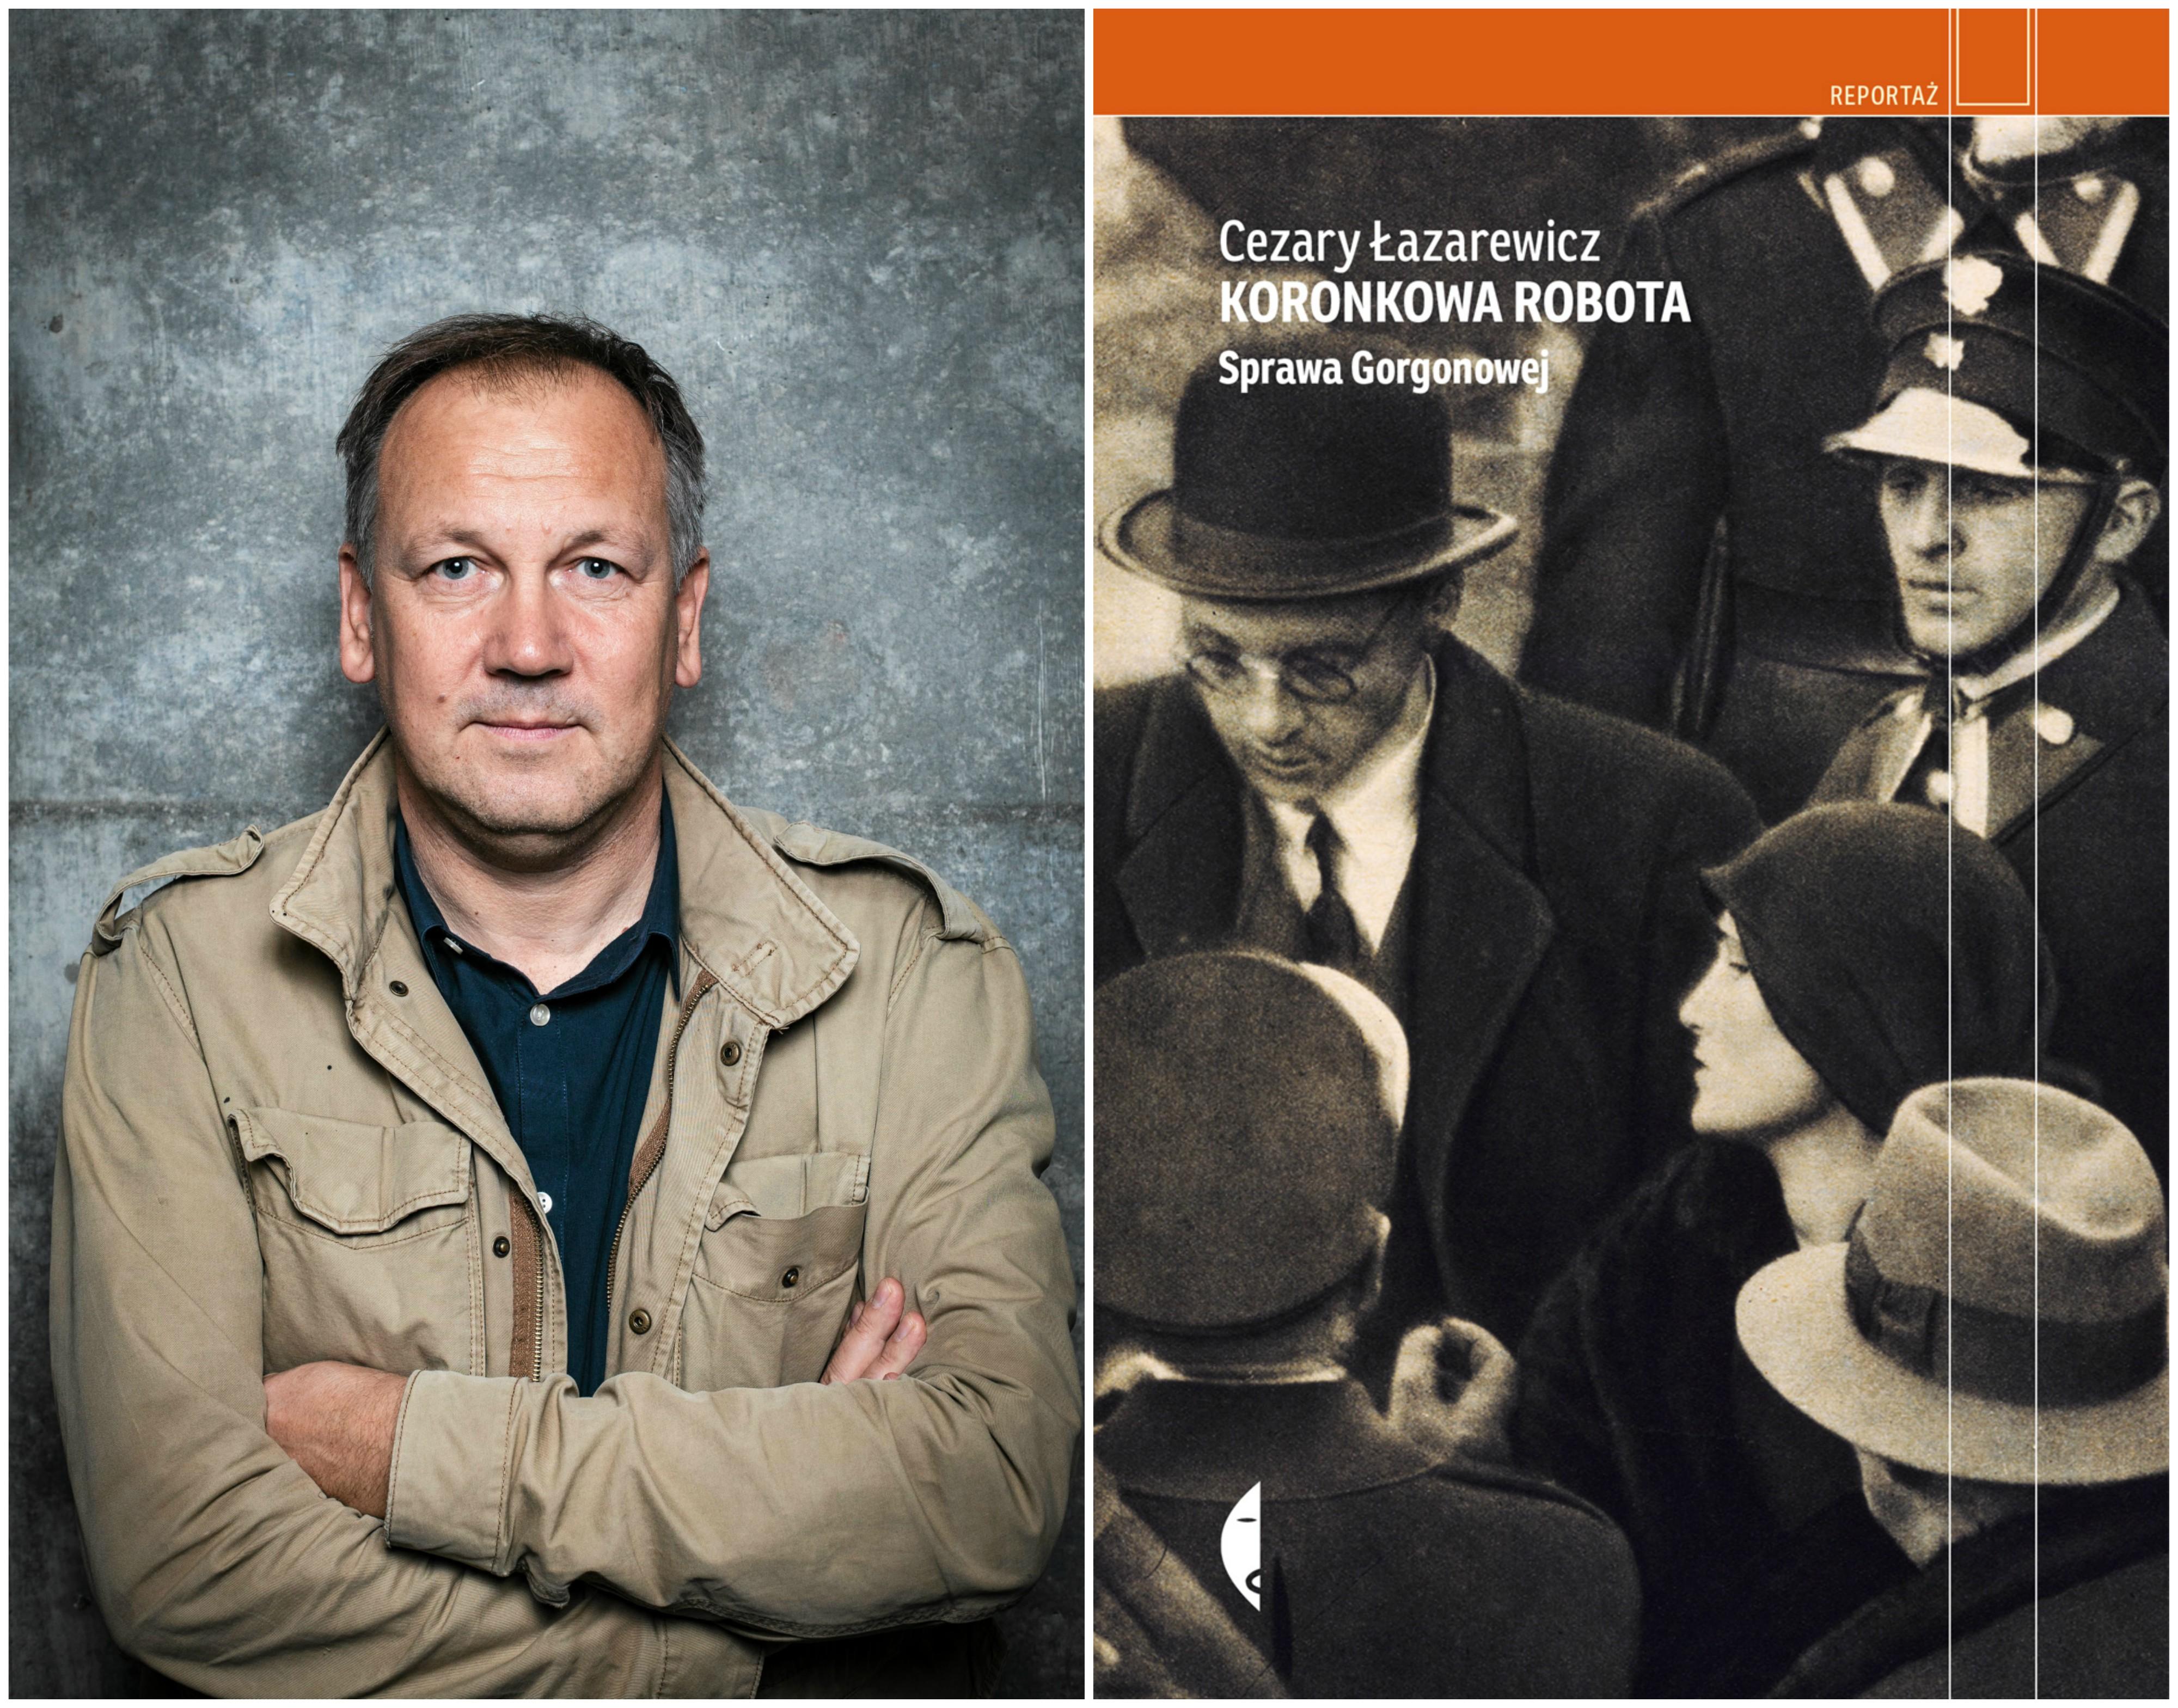 Książka 'Koronkowa robota. Sprawa Gorgonowej' ukazała się nakładem Wydawnictwa Czarne (fot. Dawid Żuchowicz / Agencja Gazeta / materiały prasowe)